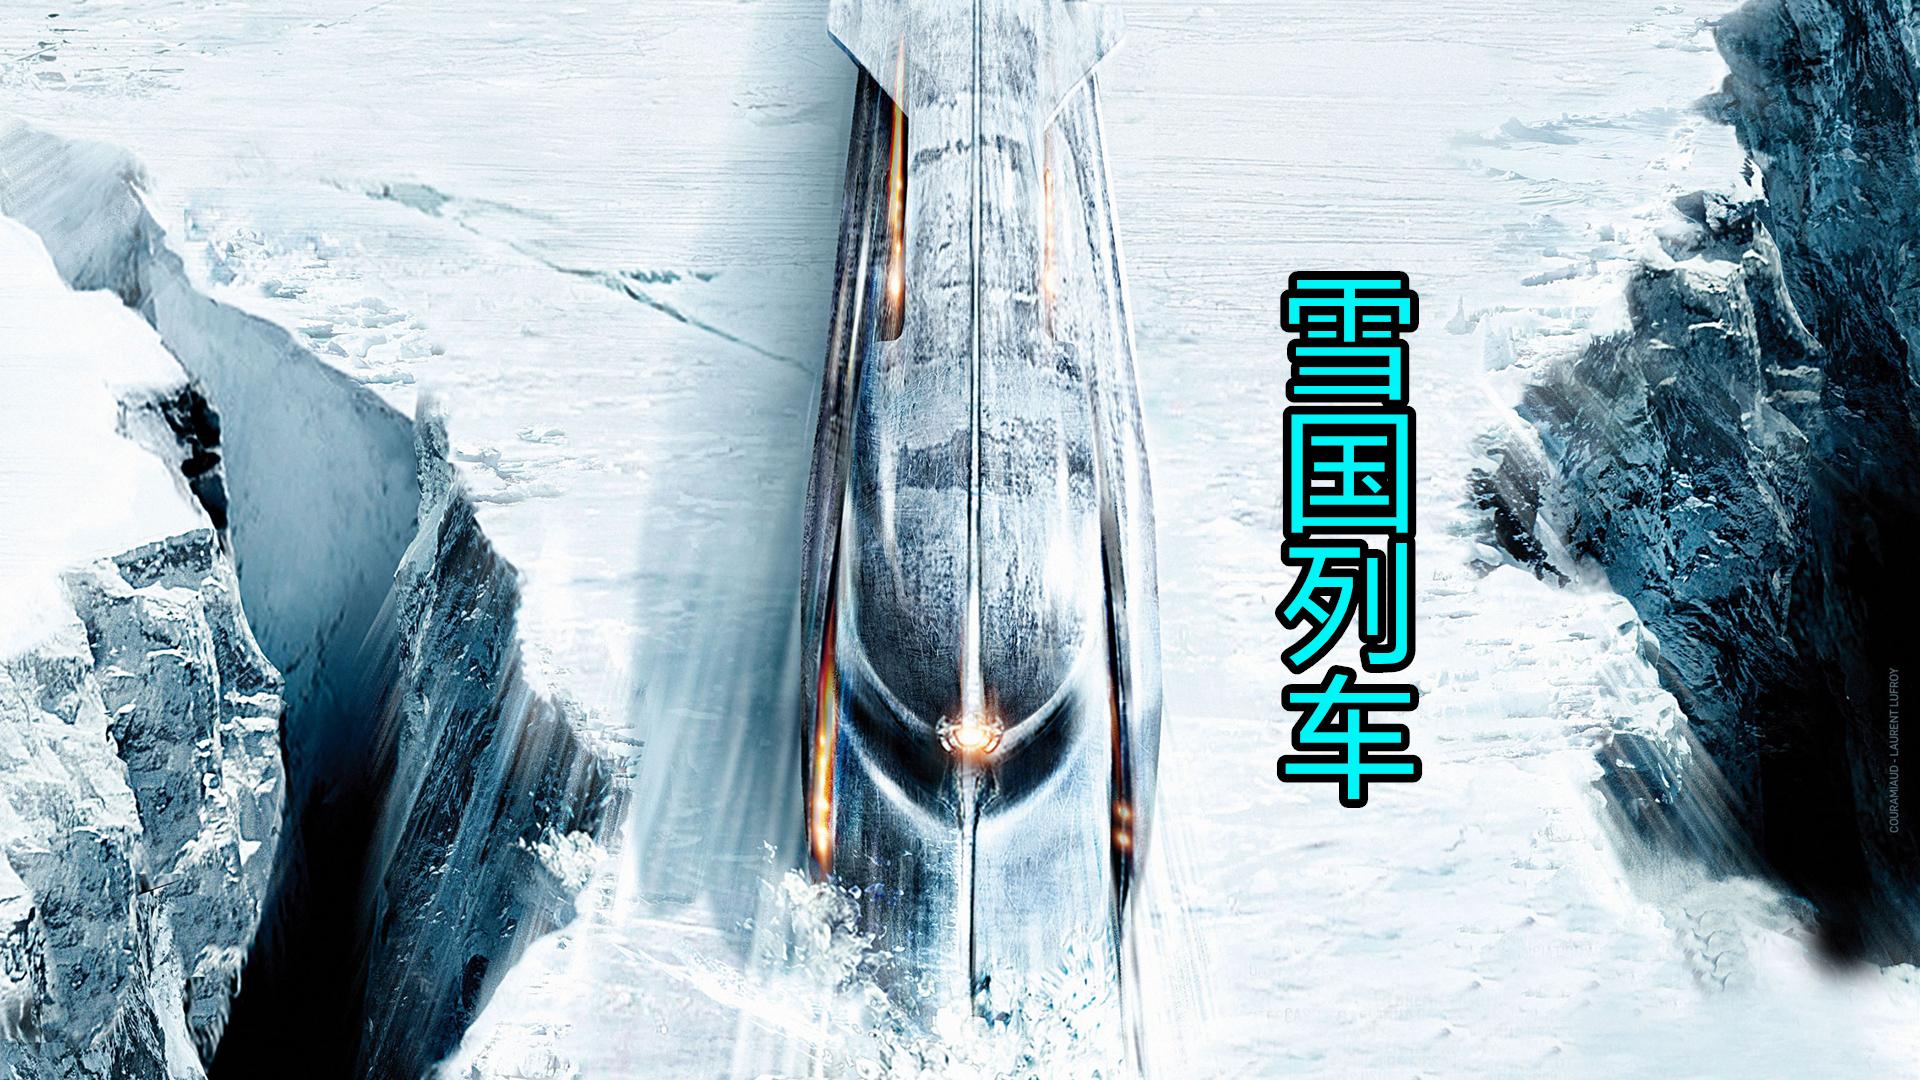 科幻片:未来全球被冰雪覆盖,幸存的人类,只能生活在列车上!